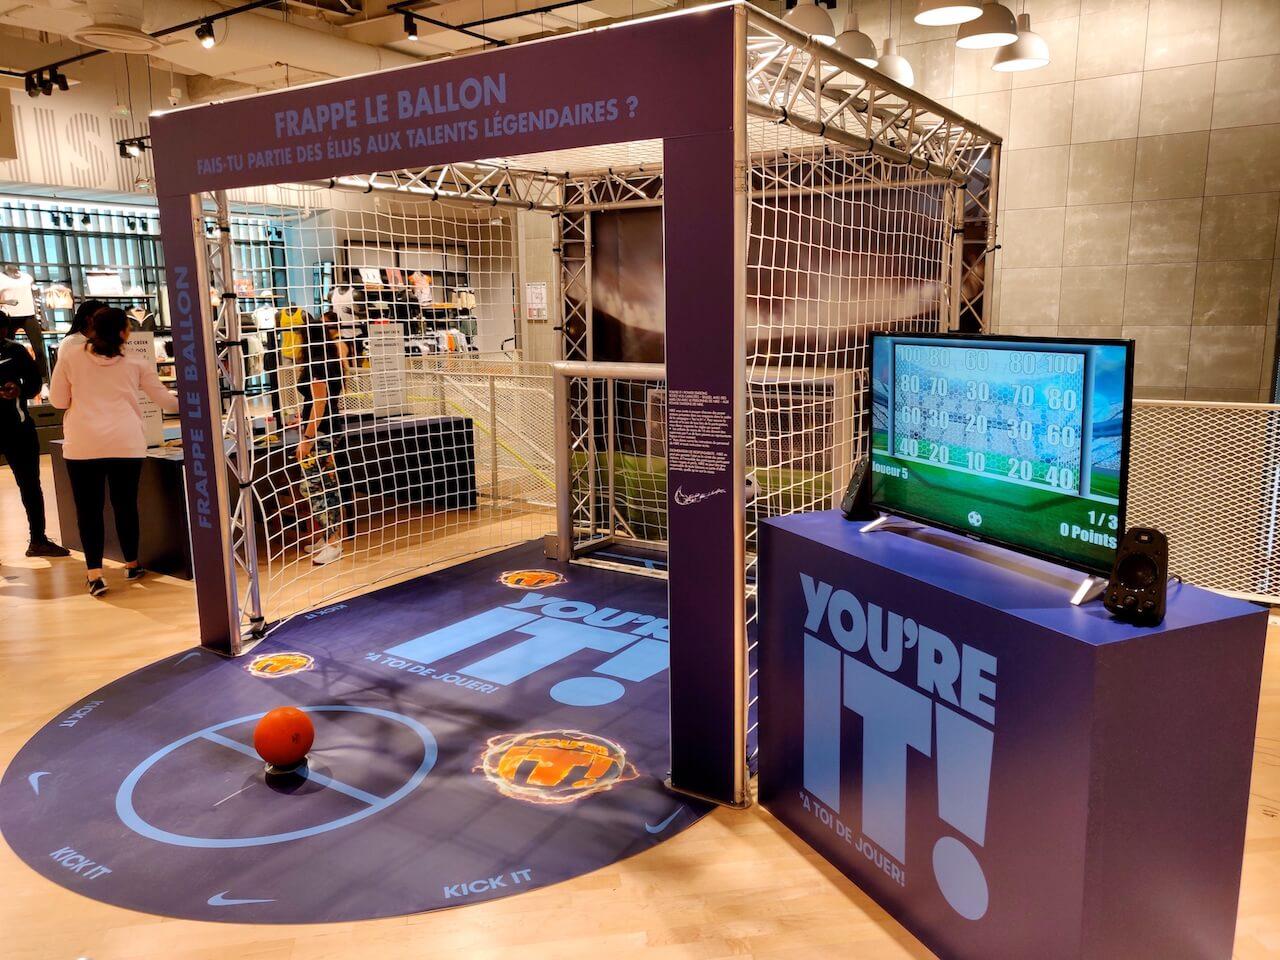 Animation Radar Football Vitesse Simulation Précision Tout public familles